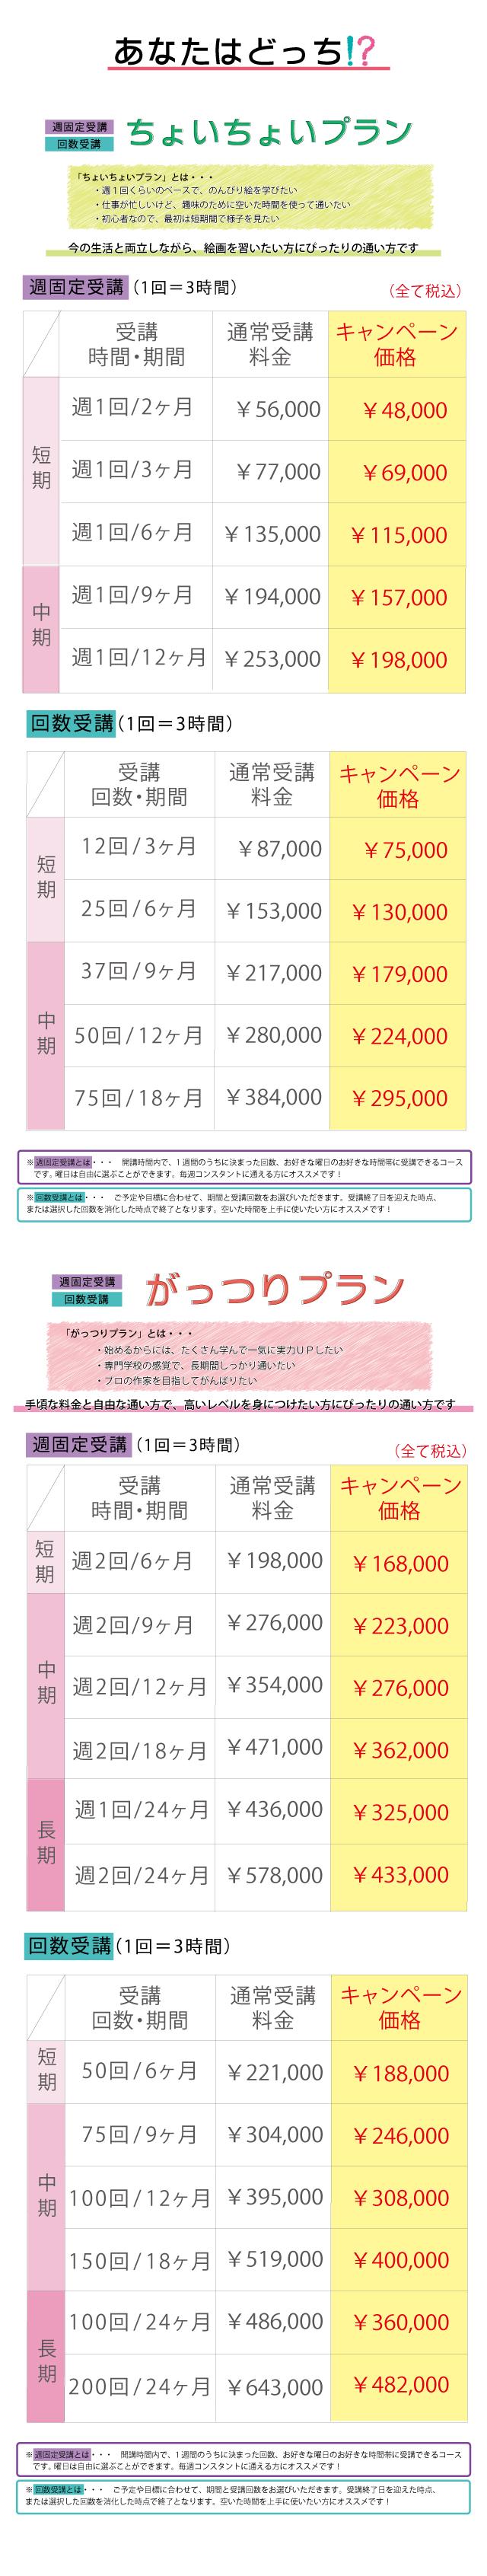 美術科キャンペーン価格